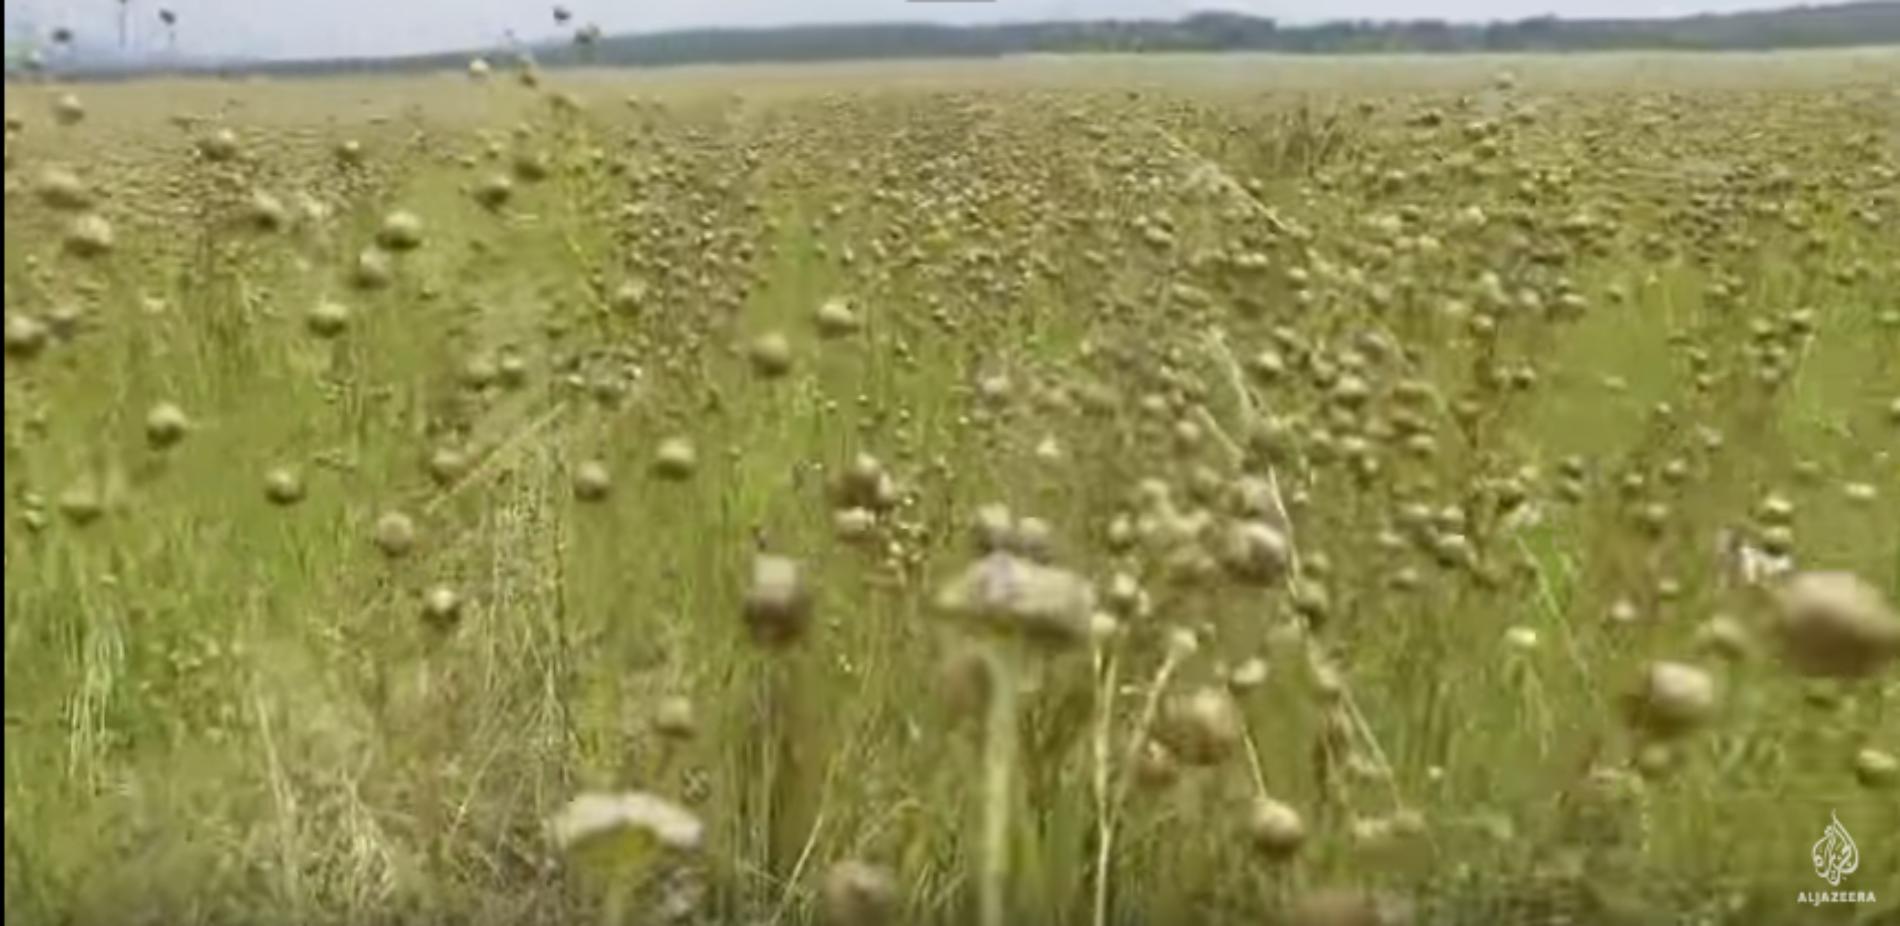 U Bosanskom Petrovcu okreću se uzgoju lana